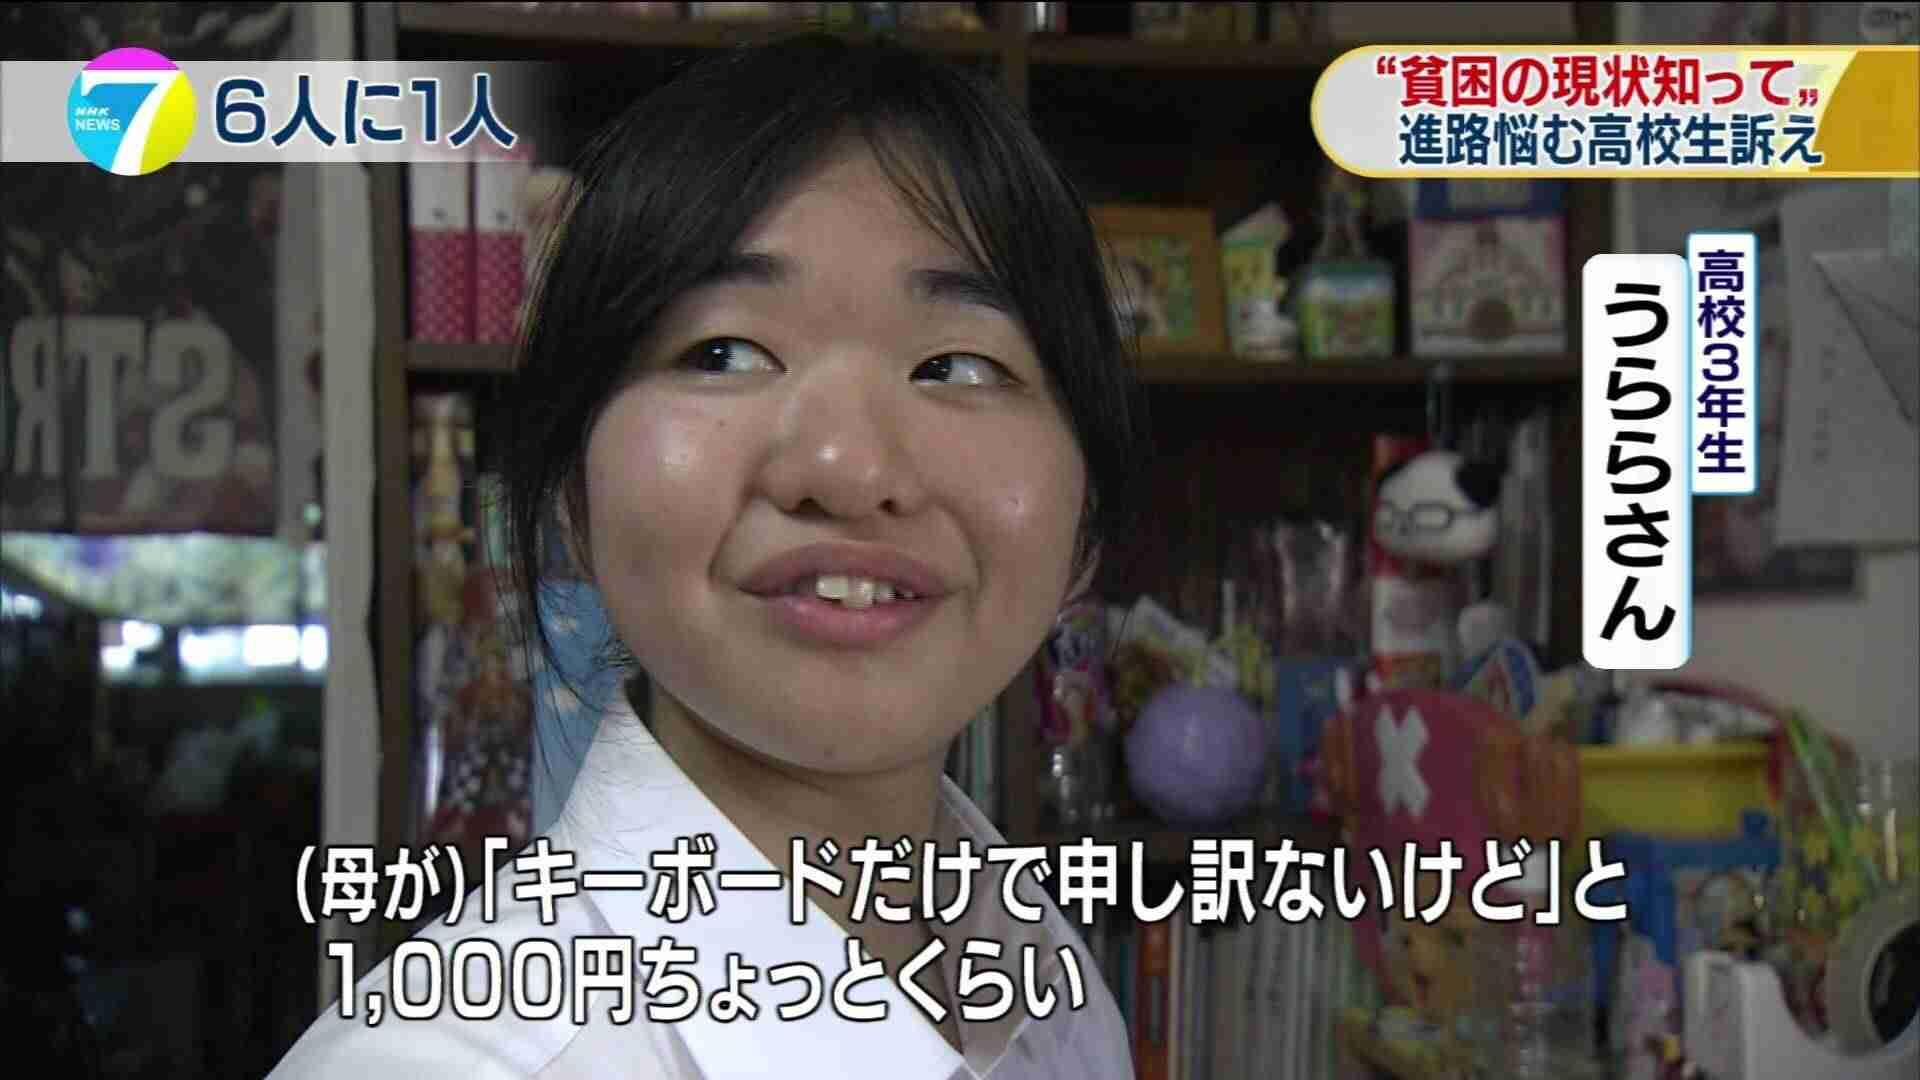 【炎上】NHKに自称「貧困女子高生」が登場するも豪遊発覚。同級生も怒りの告発 | netgeek